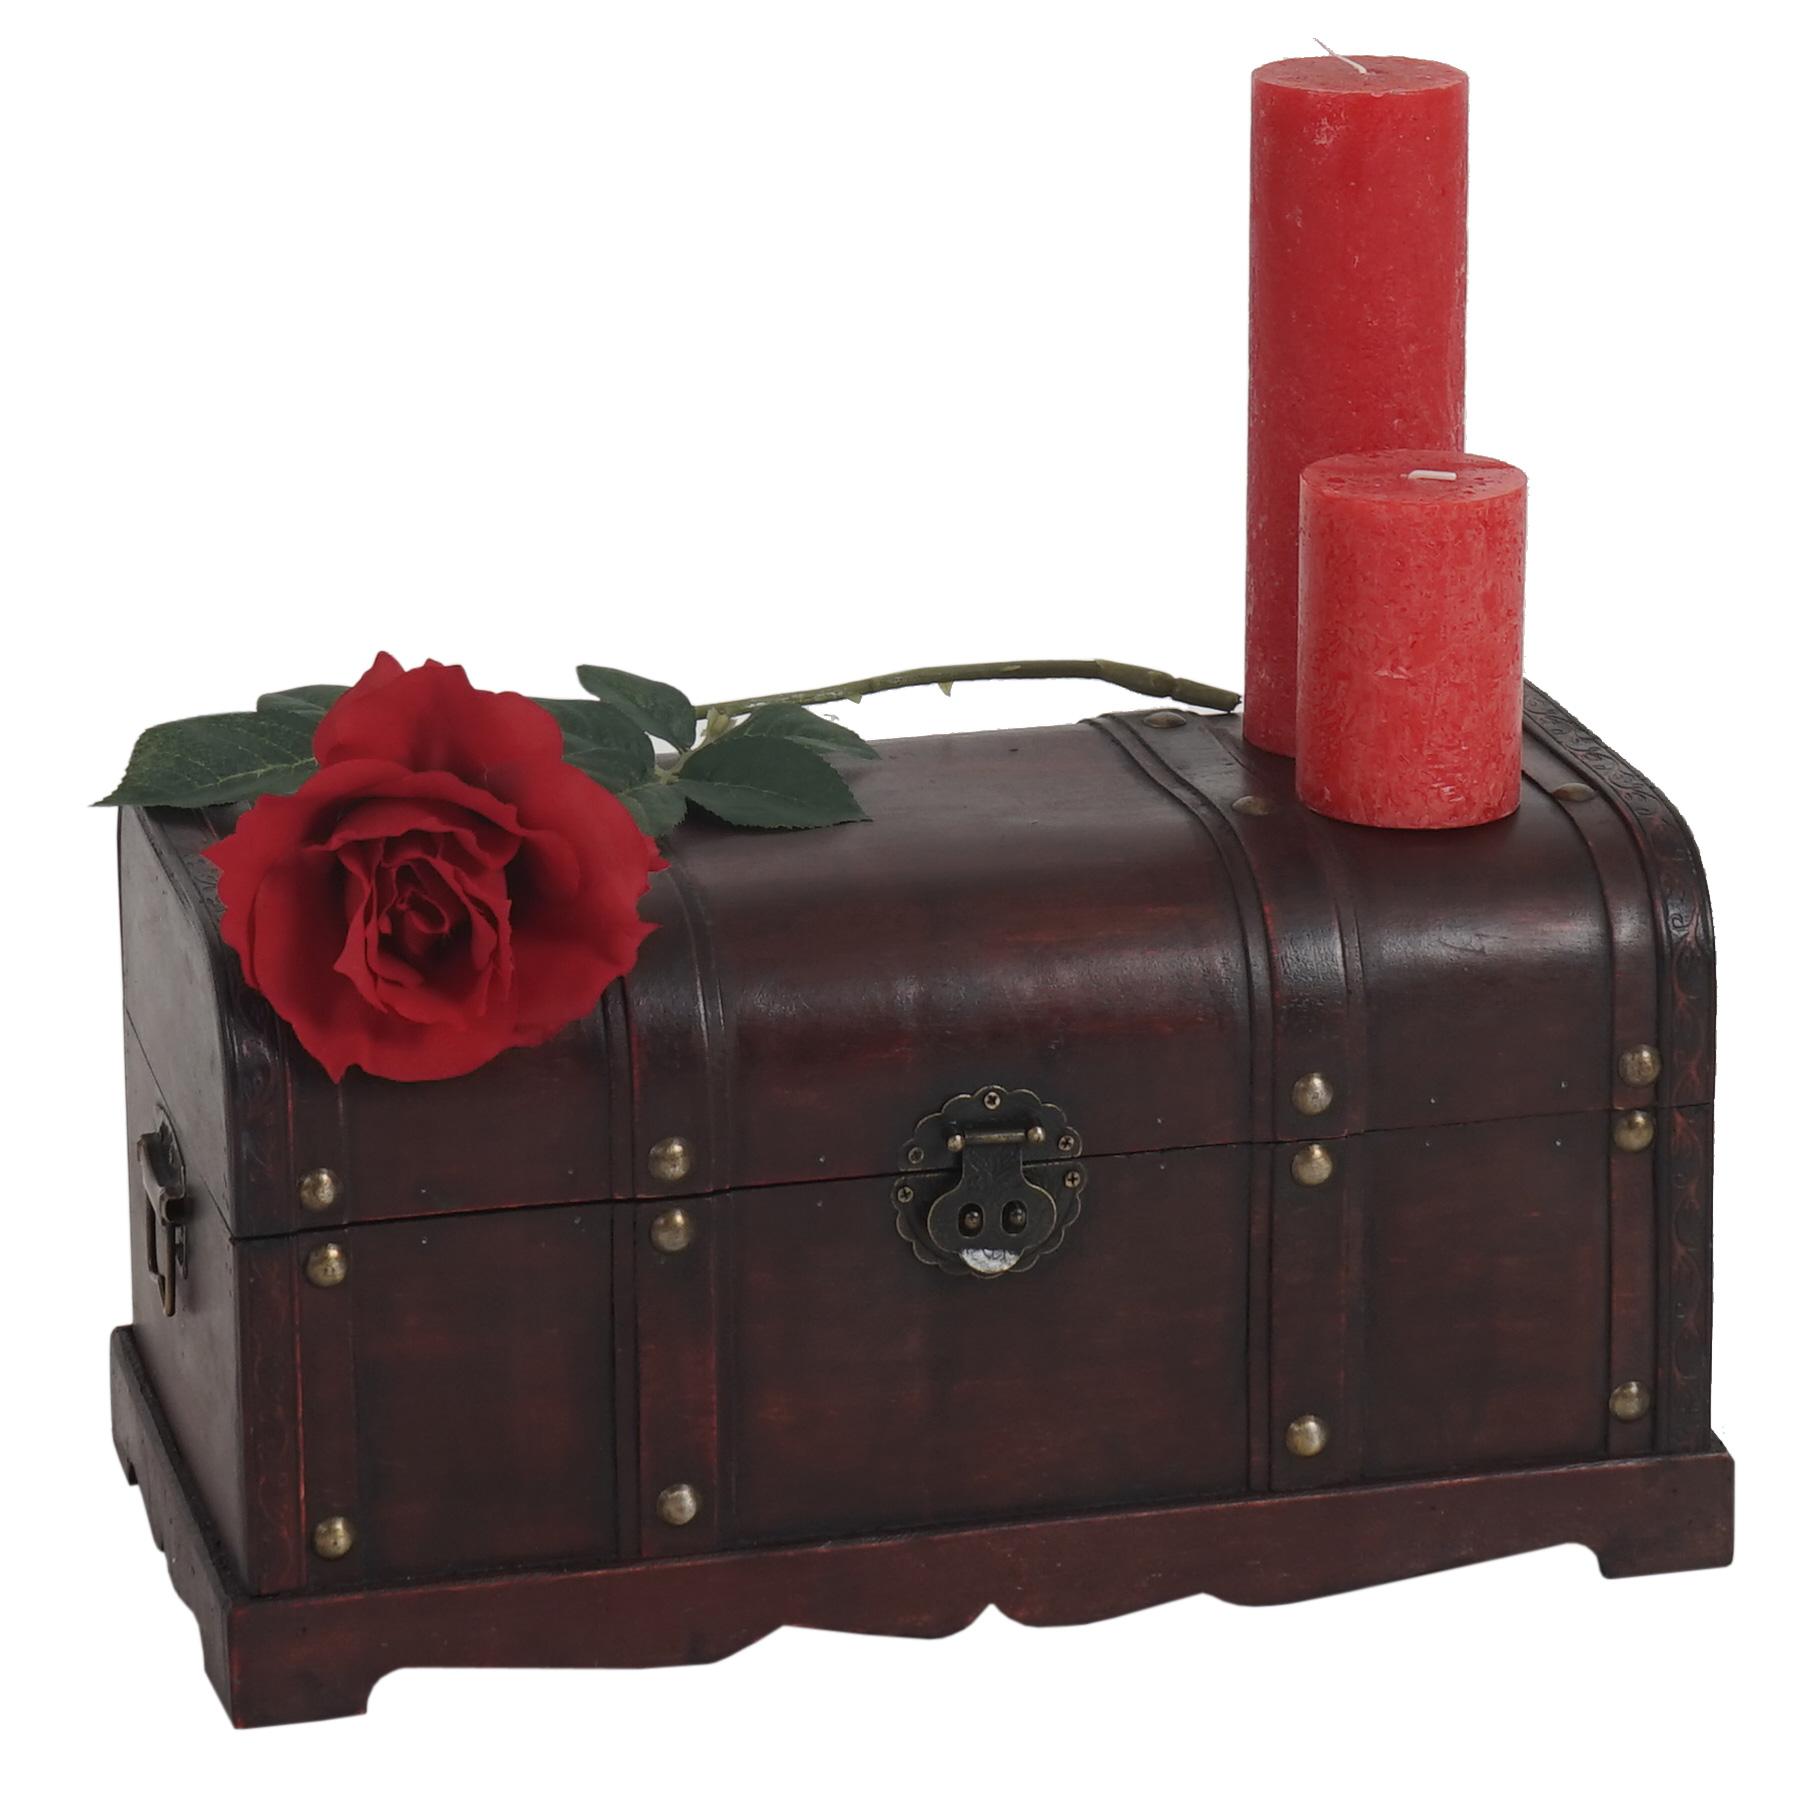 Mendler Holztruhe Holzbox Schatztruhe Valence Antikoptik 24x46x23cm ~ Variantenangebot 34228